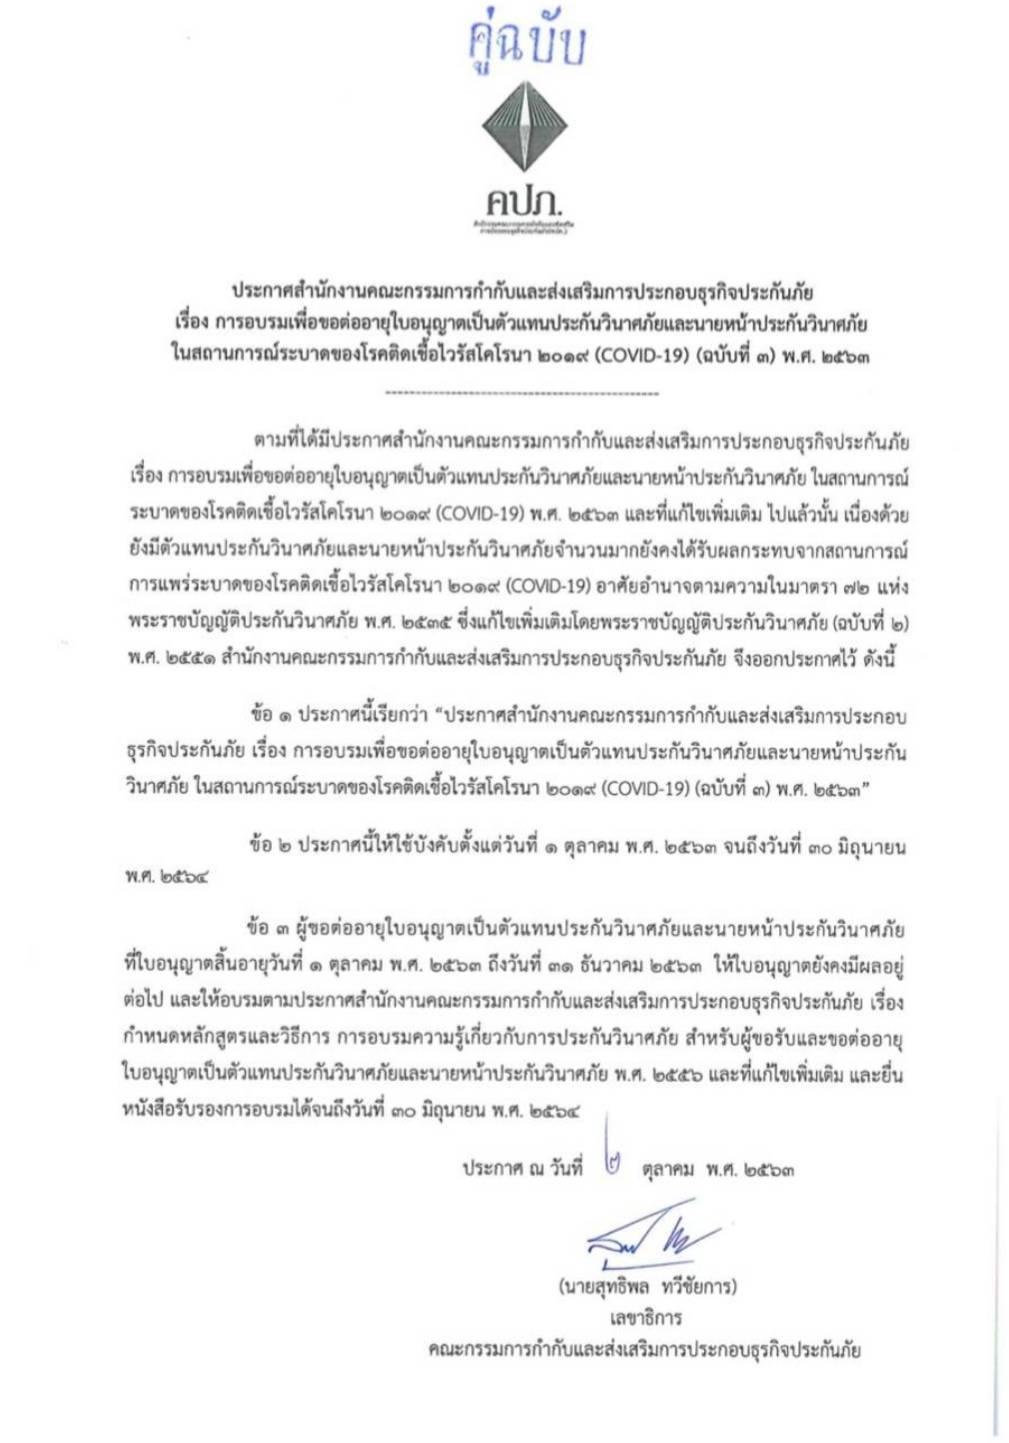 ประกาศจากสำนักงาน คปภ. เรื่อง การขยายการต่ออายุใบอนุญาตฯ ฉบับที่ 3 พ.ศ.2563 3